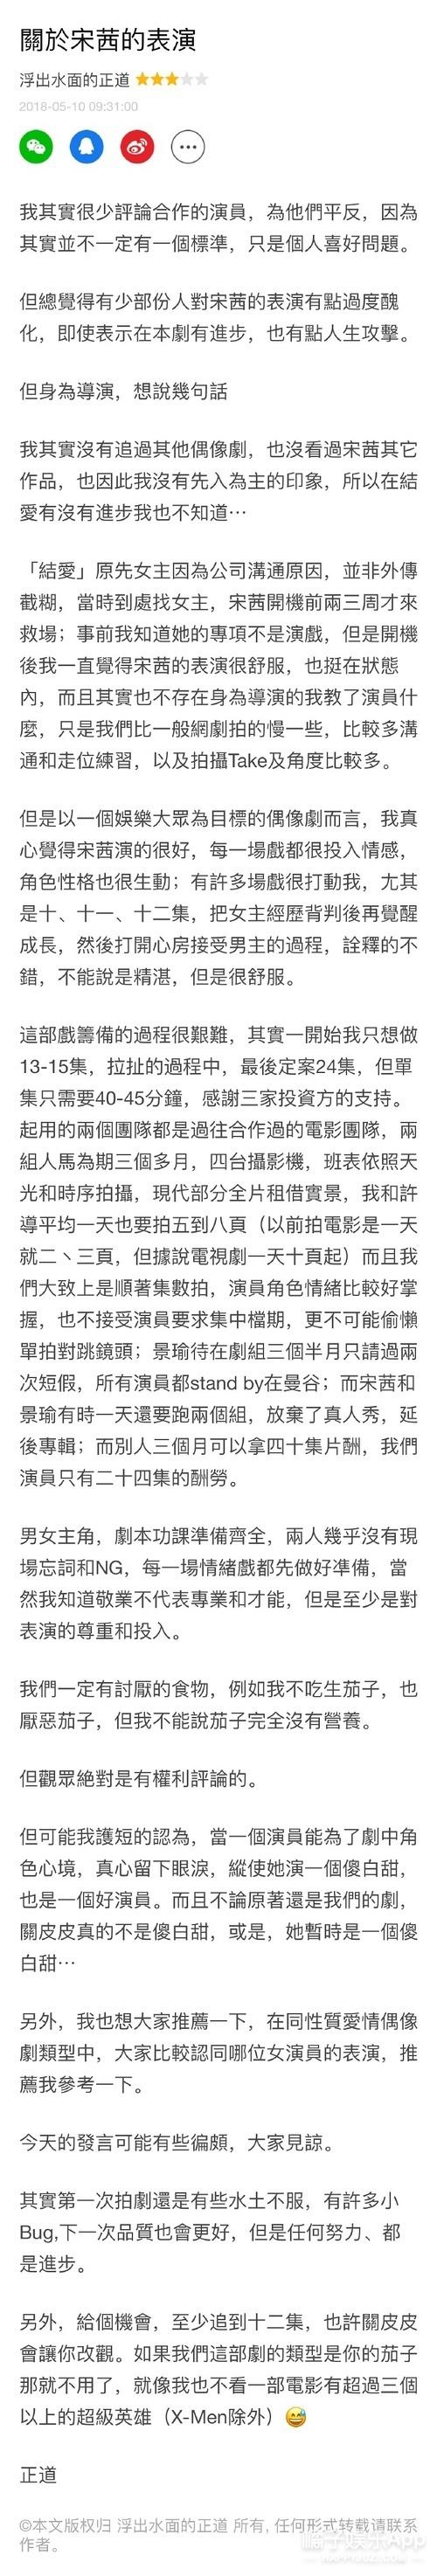 900岁老狐狸爱上平凡少女,宋茜黄景瑜新剧有点好看